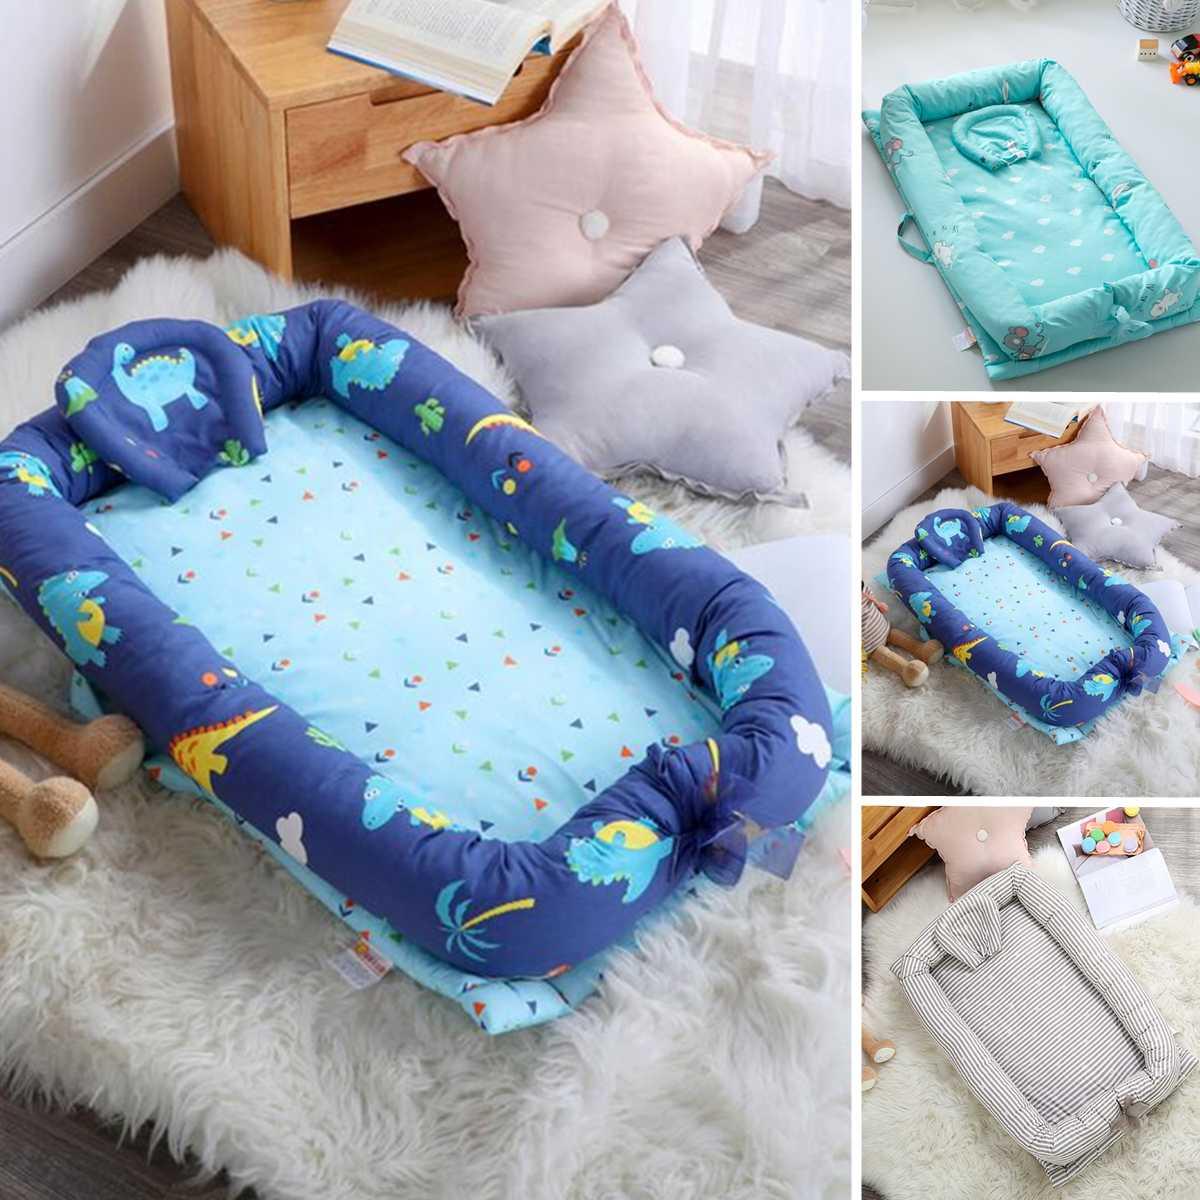 Lit bébé nid berceau Portable amovible et lavable lit de voyage pour enfants bébé enfants berceau en coton bébé sommeil Pod